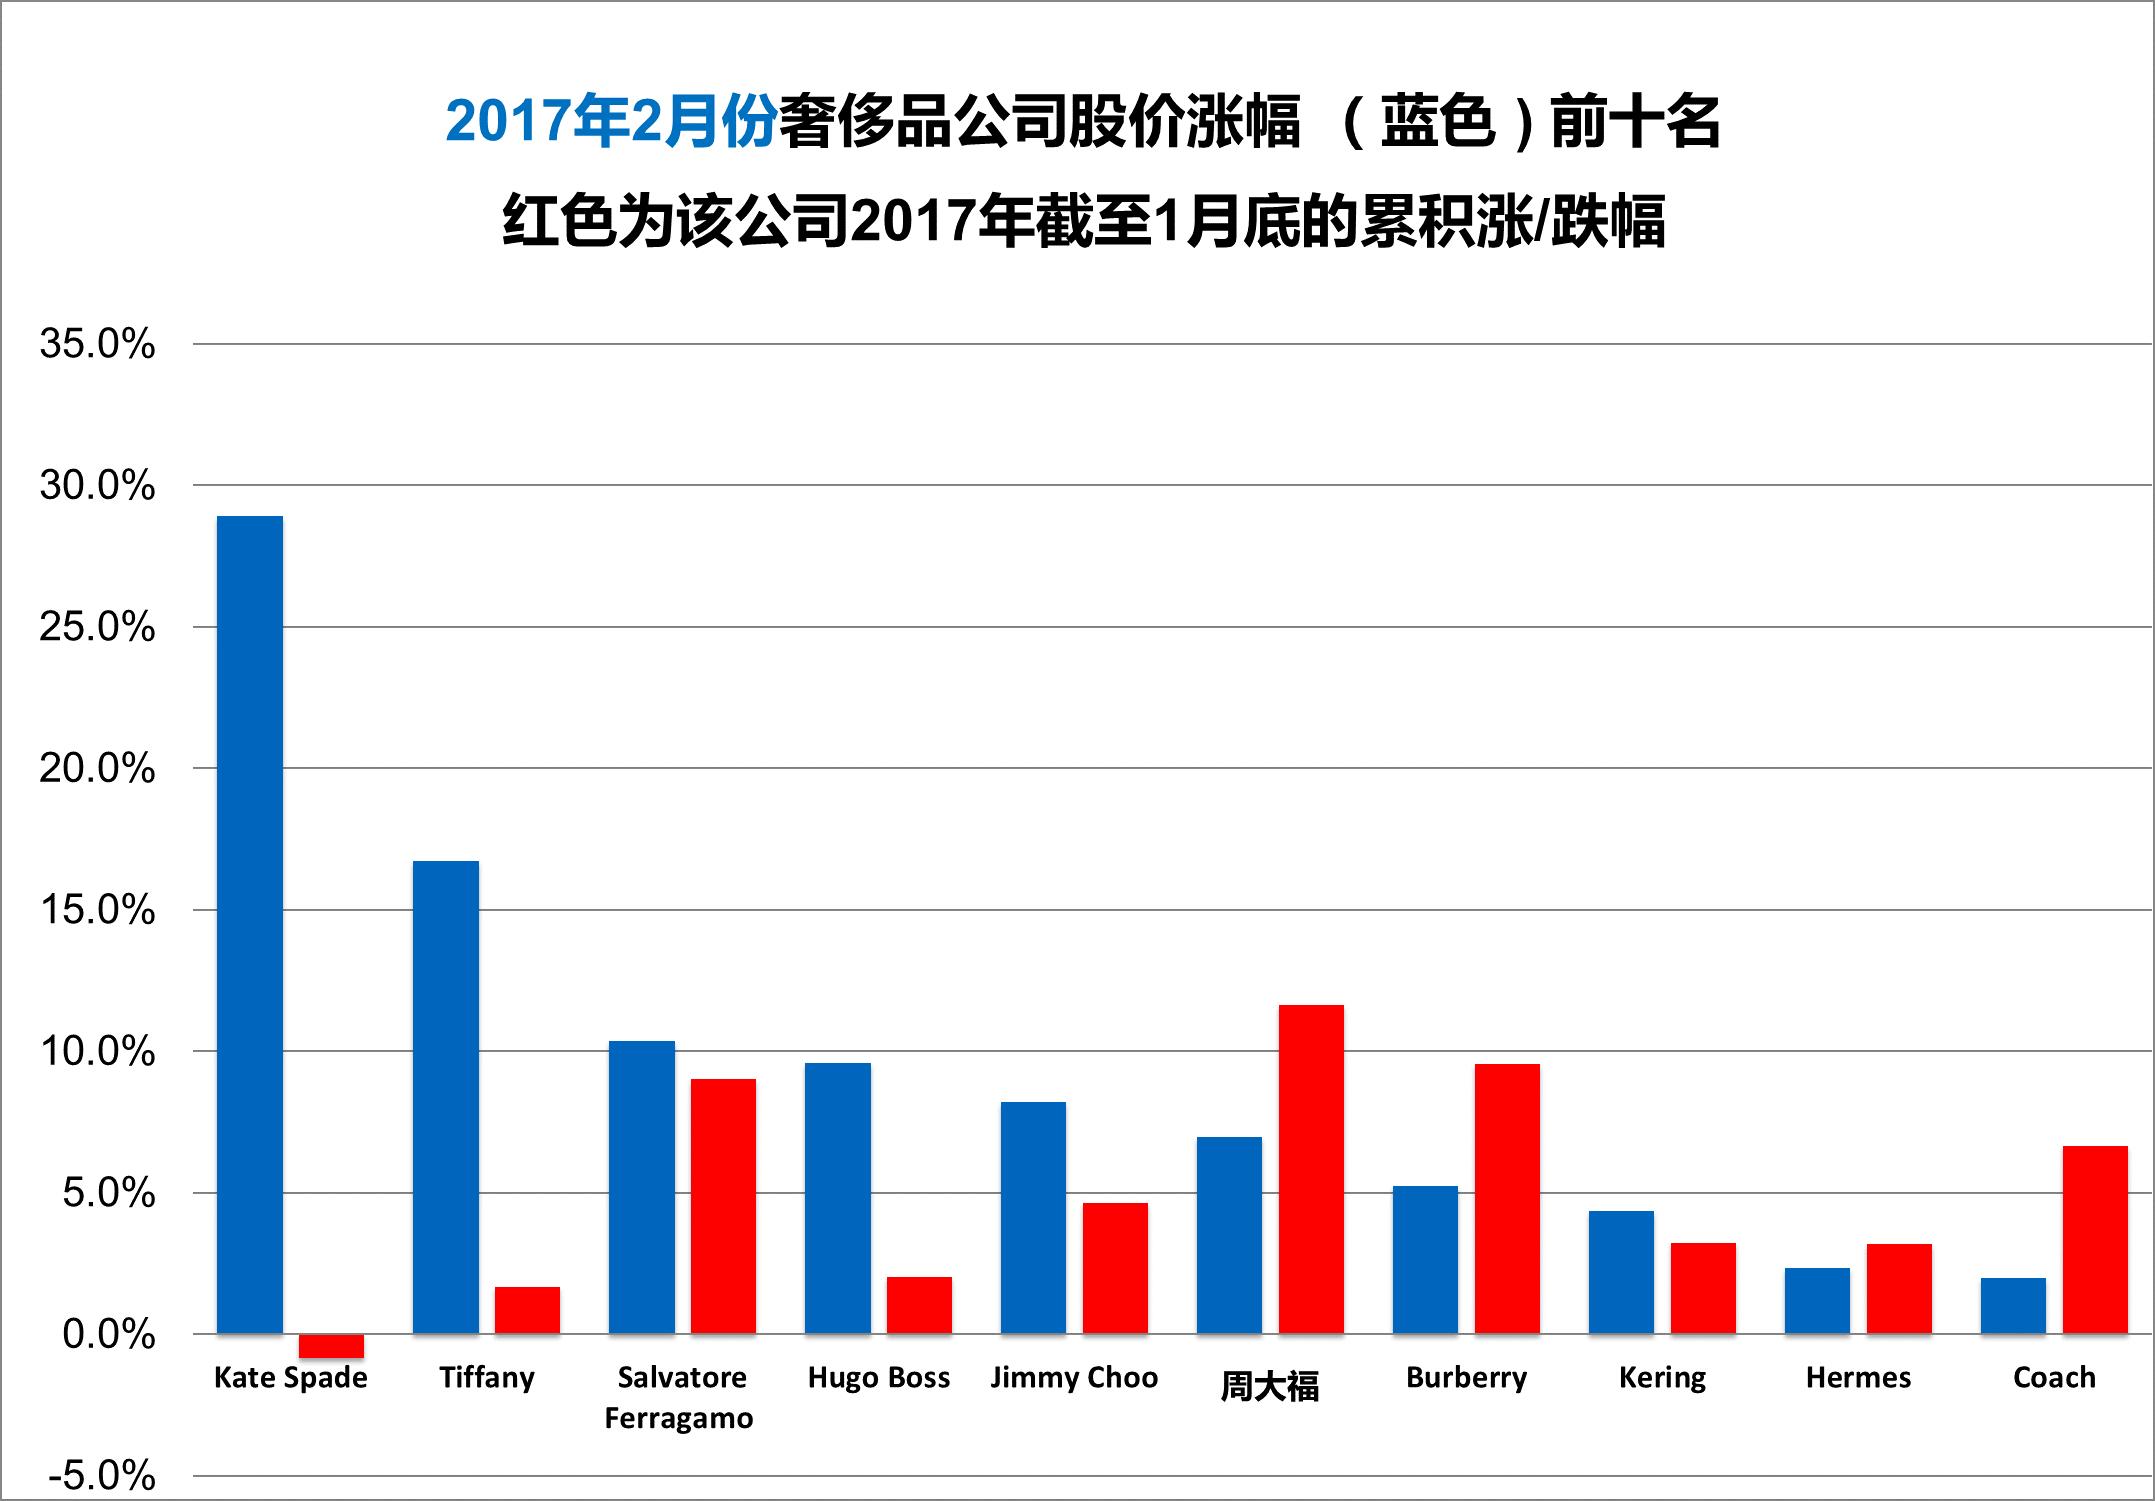 《华丽志》奢侈品股票月度排行榜(2017年2月)